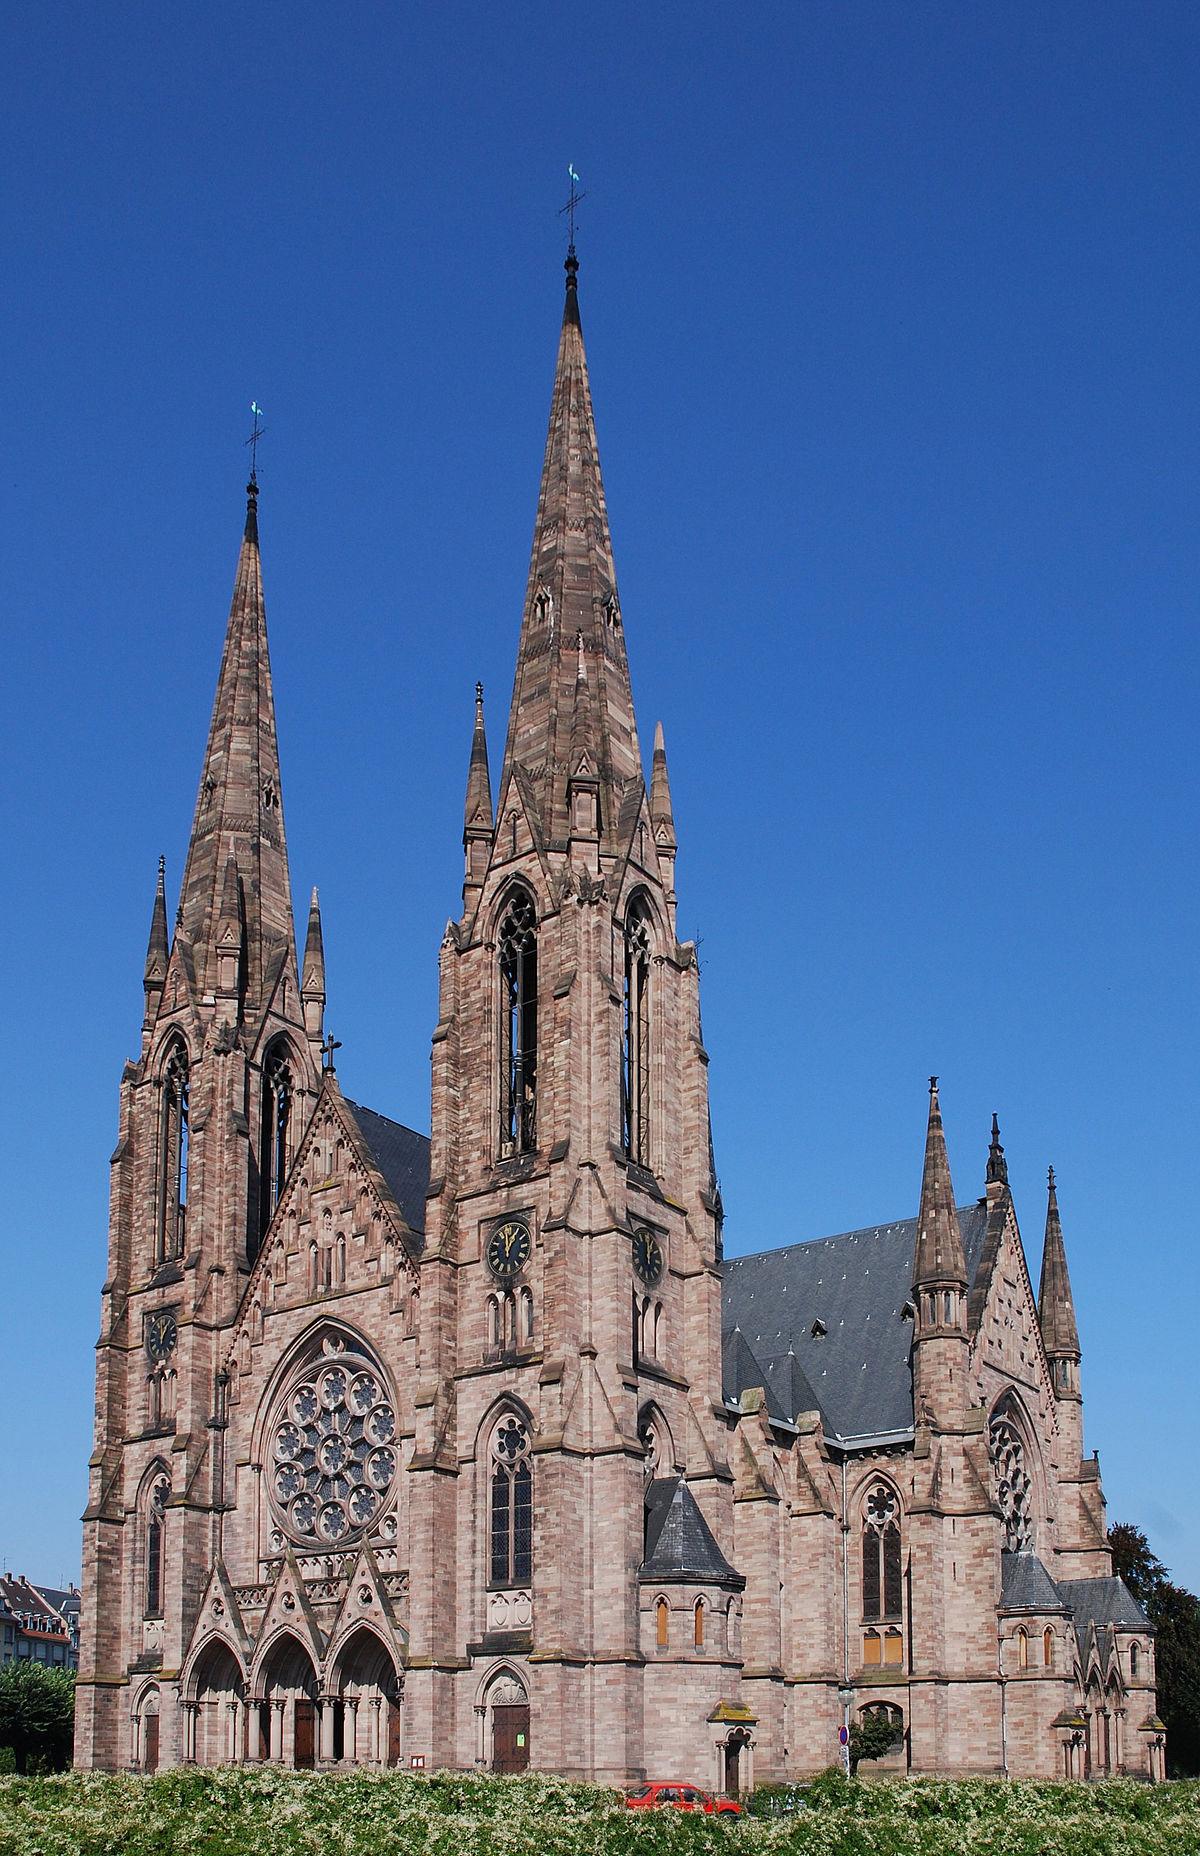 Chiesa Di San Paolo Strasburgo Wikipedia